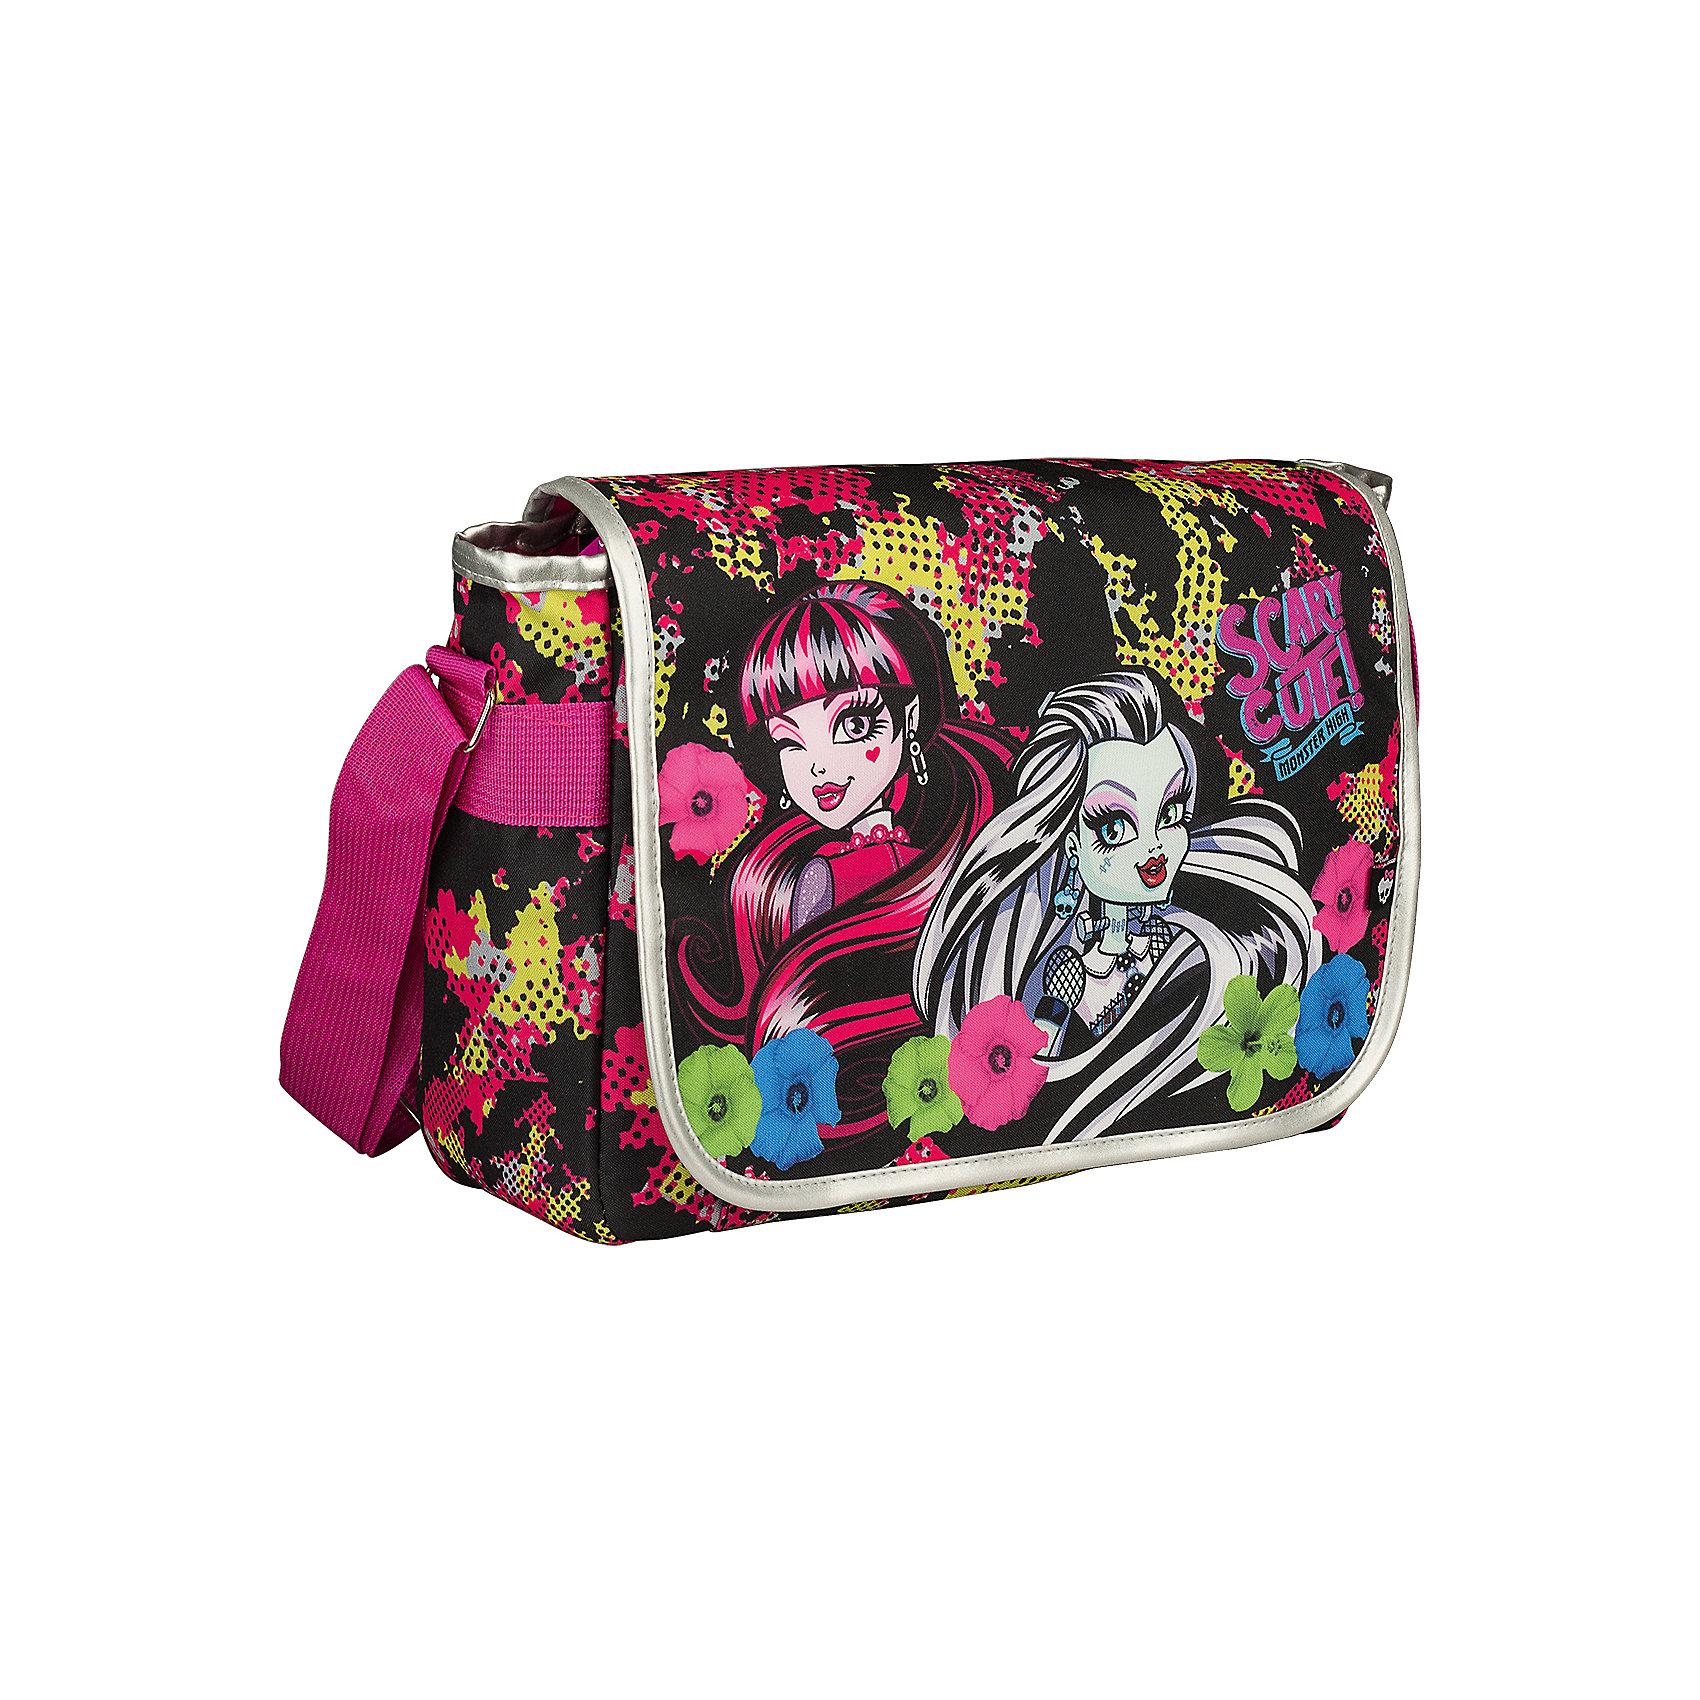 Сумка, Monster HighШкольные сумки<br>Сумка, Monster High - симпатичная стильная сумочка, которую удобно брать с собой как на школьные занятия, так и на прогулку. Сумка выполнена в черно-розовой расцветке и украшена изображением очаровательных героинь из популярного мультсериала Школа монстров. Внутри<br>одно просторное отделение с карманом на молнии, которое закрывается сверху откидным клапаном на липучке. Для ношения через плечо предусмотрена удобная регулируемая лямка. <br><br><br>Дополнительная информация:<br><br>- Материал: полиэстер.<br>- Размер: 24 х 33 х 12 см.<br>- Вес: 0,4 кг.<br><br>Сумку, Monster High, можно купить в нашем интернет-магазине.<br><br>Ширина мм: 240<br>Глубина мм: 330<br>Высота мм: 120<br>Вес г: 400<br>Возраст от месяцев: 120<br>Возраст до месяцев: 144<br>Пол: Женский<br>Возраст: Детский<br>SKU: 4681173